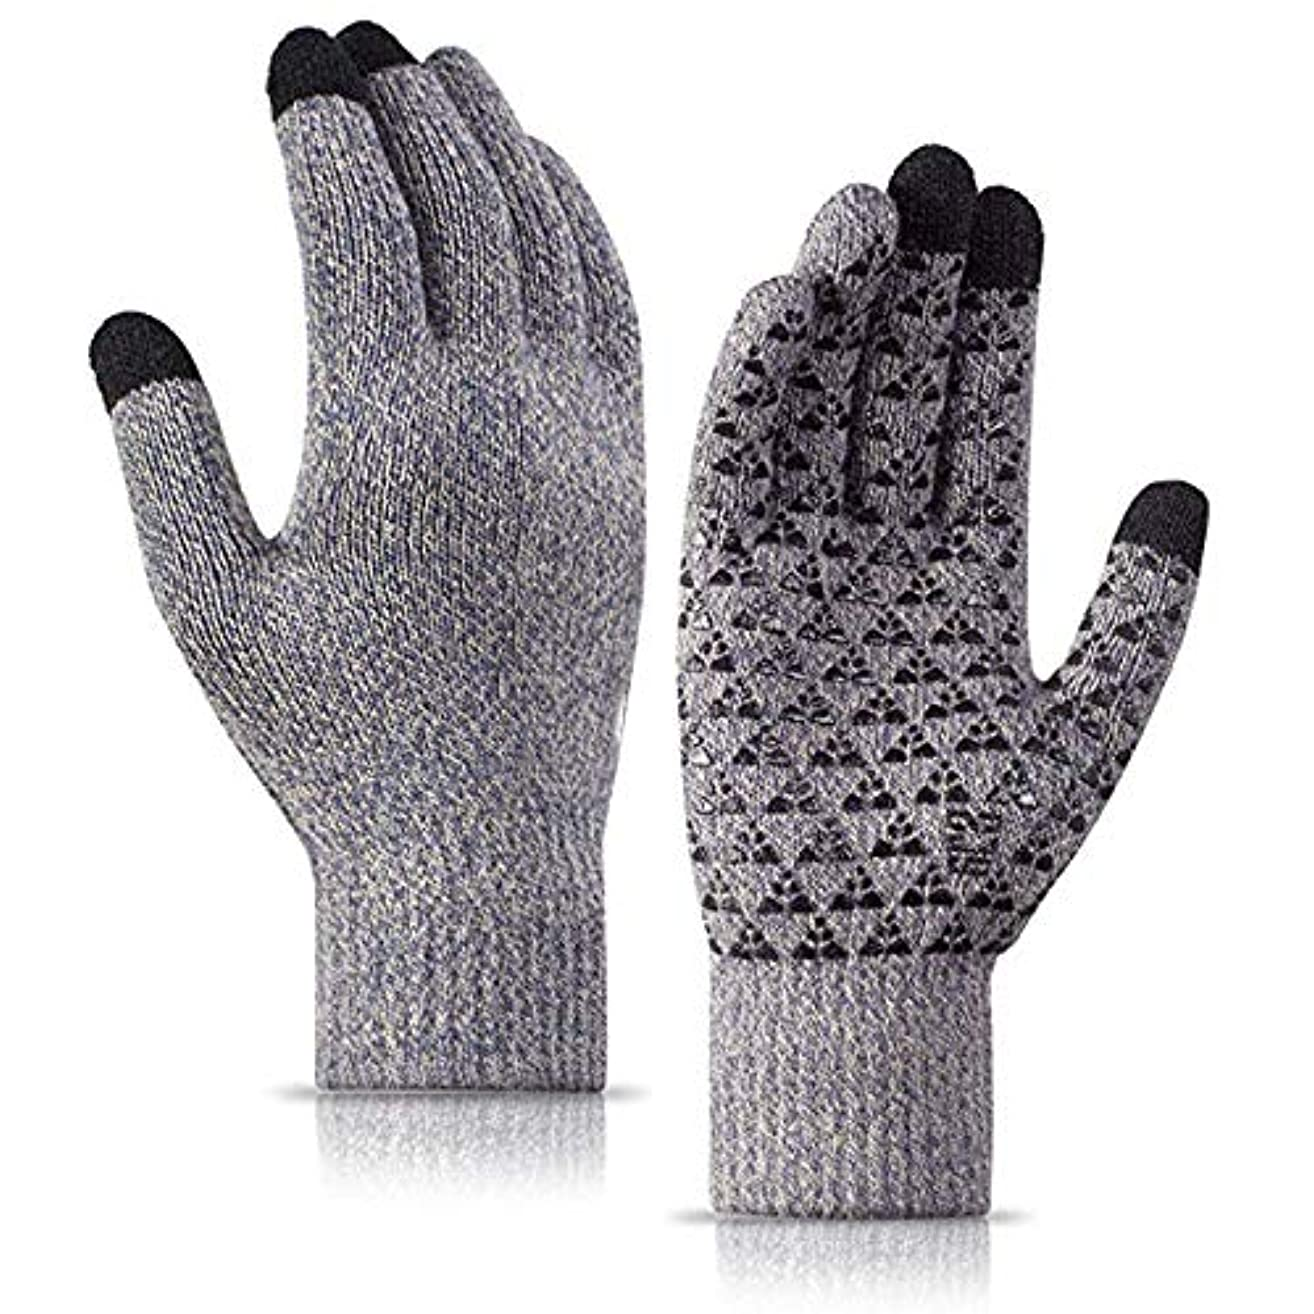 動機付ける同様の減衰男性と女性のための冬の手袋 - ニットタッチスクリーンアンチスリップシリコーンゲル - 弾性カフ?? - サーマルソフトウールライニング - 伸縮性のある素材,グレー